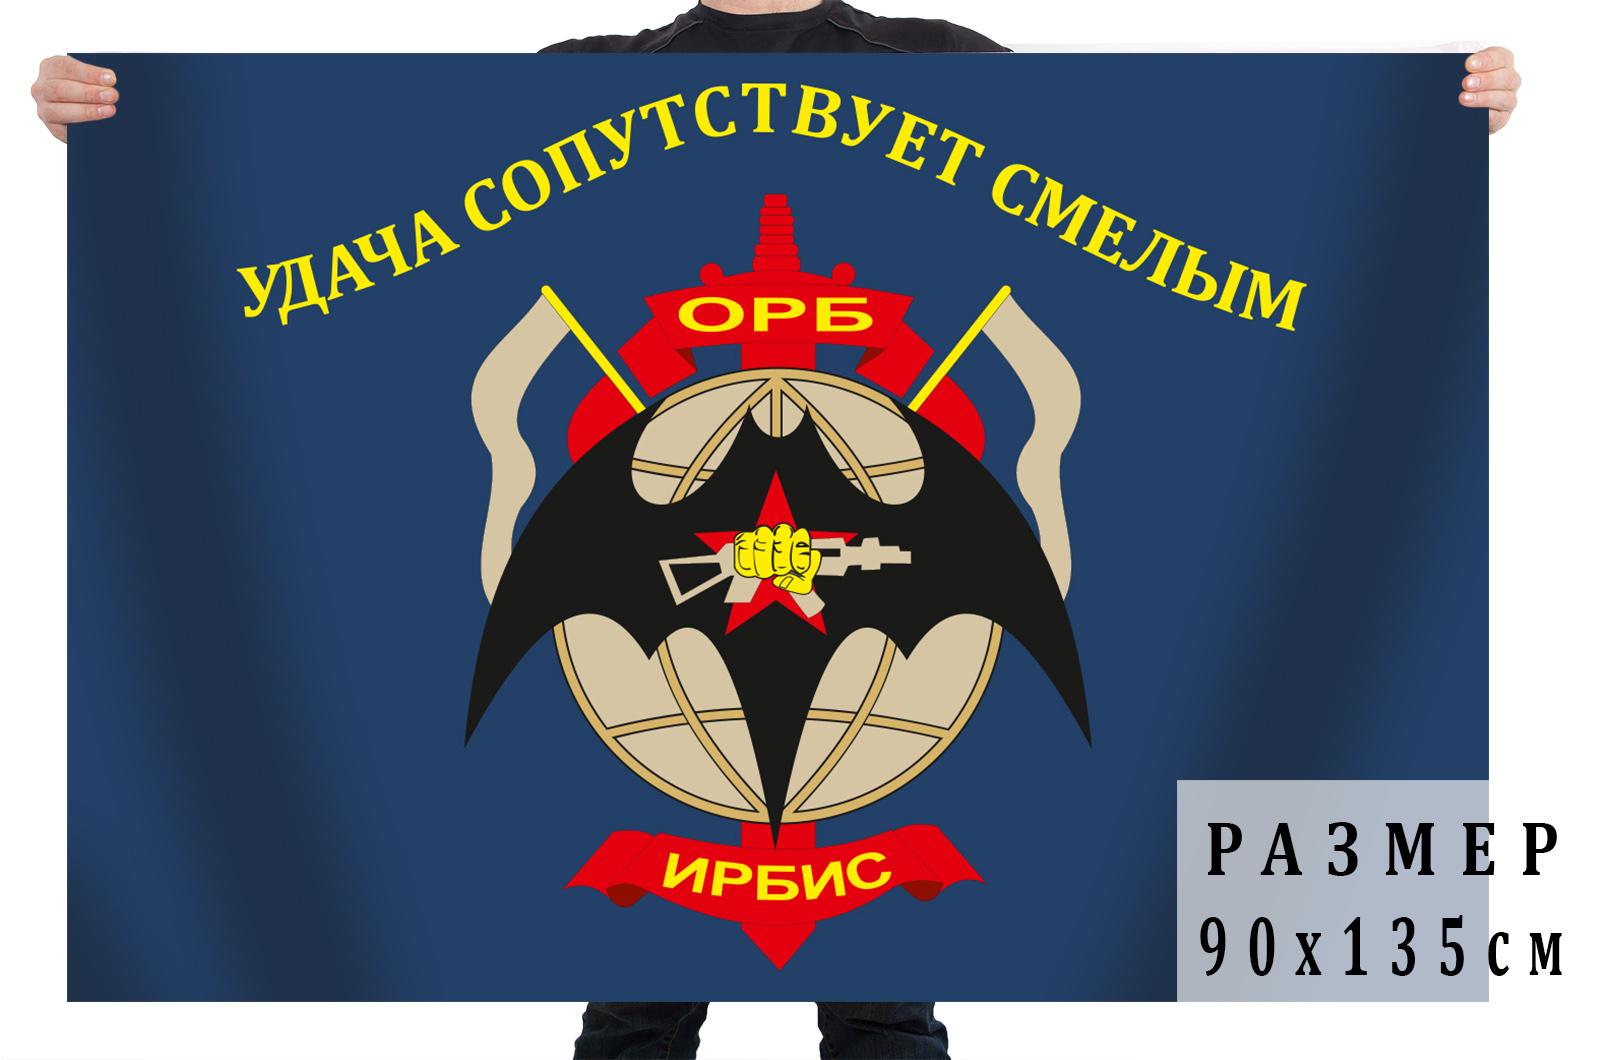 Флаг Отдельного разведывательного батальона Ирбис